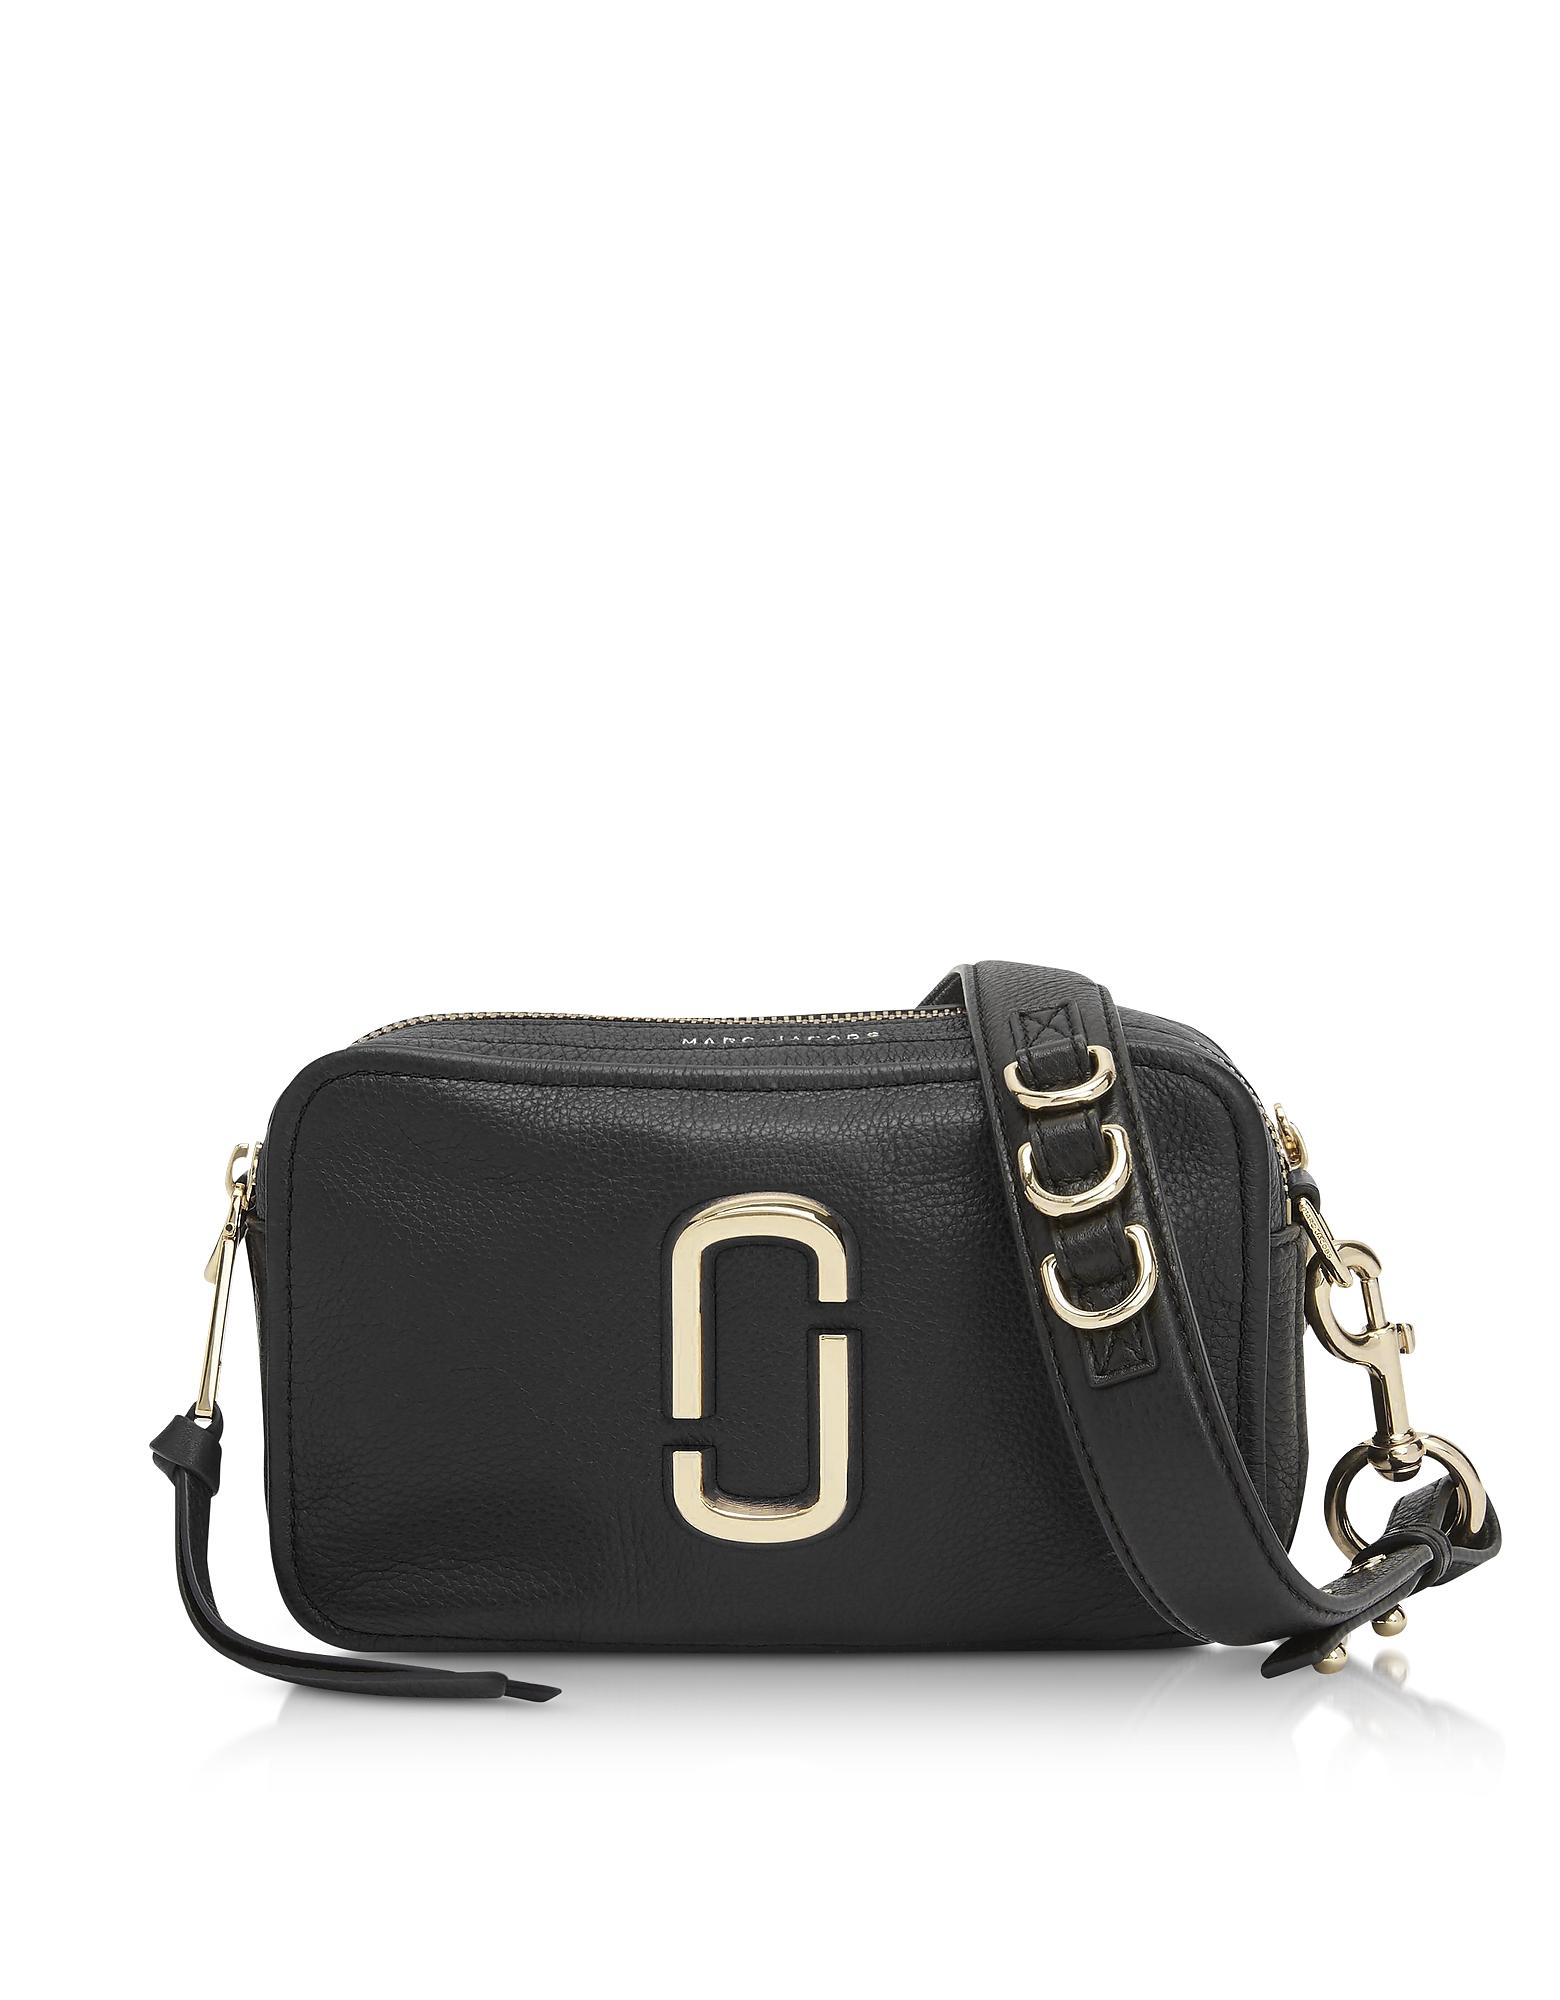 The Softshot 21 Shoulder Bag